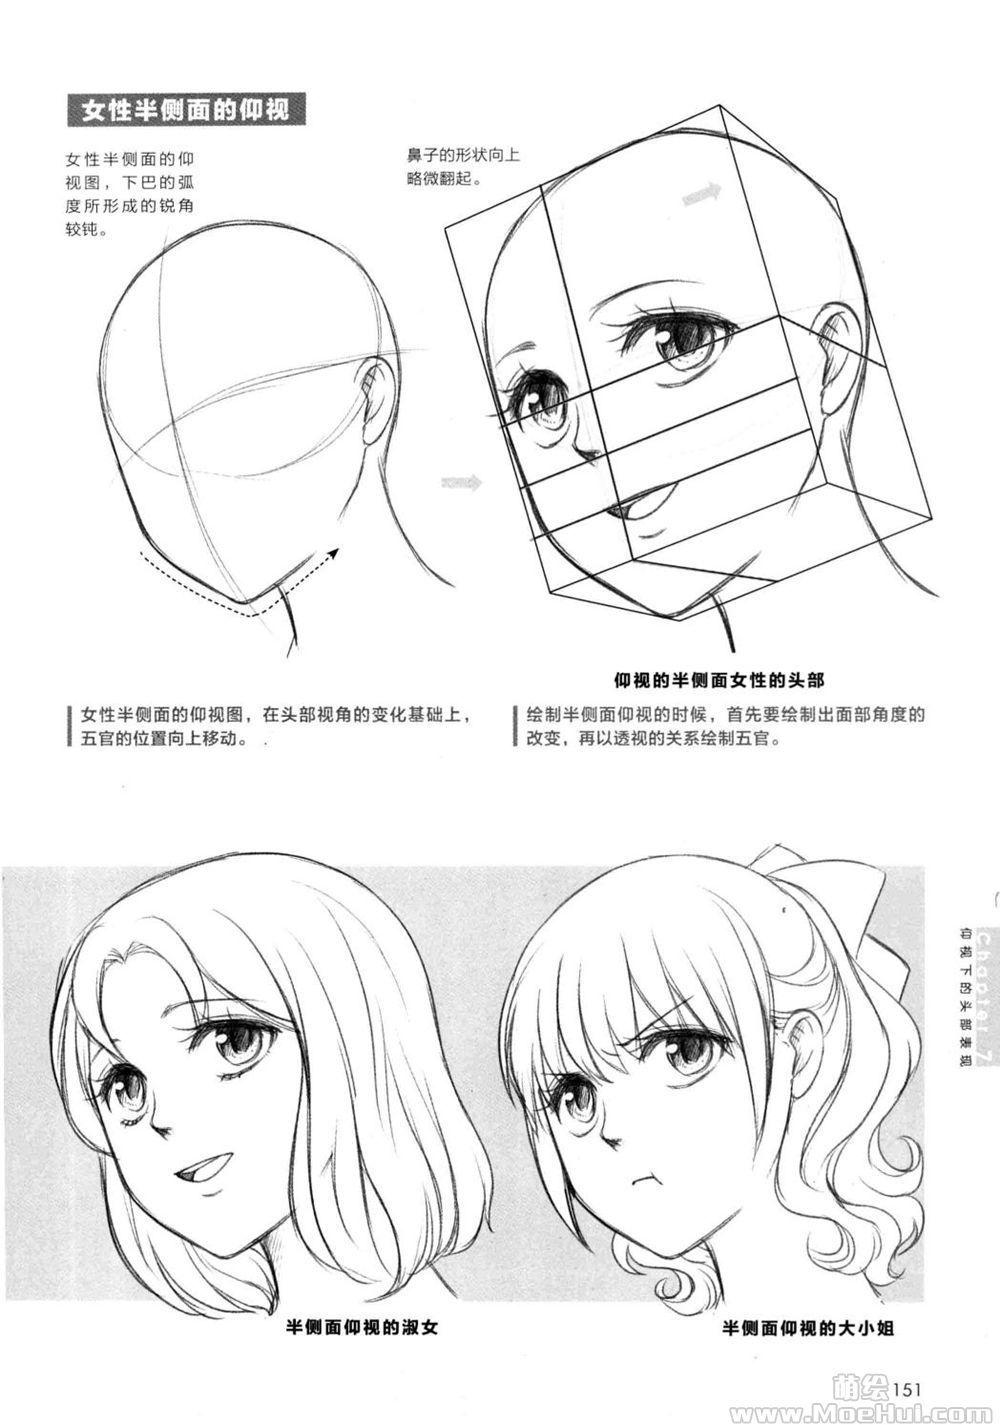 Tutorial De Manga Tecnicas De Quadrinhos Desde O Inicio Ate Os